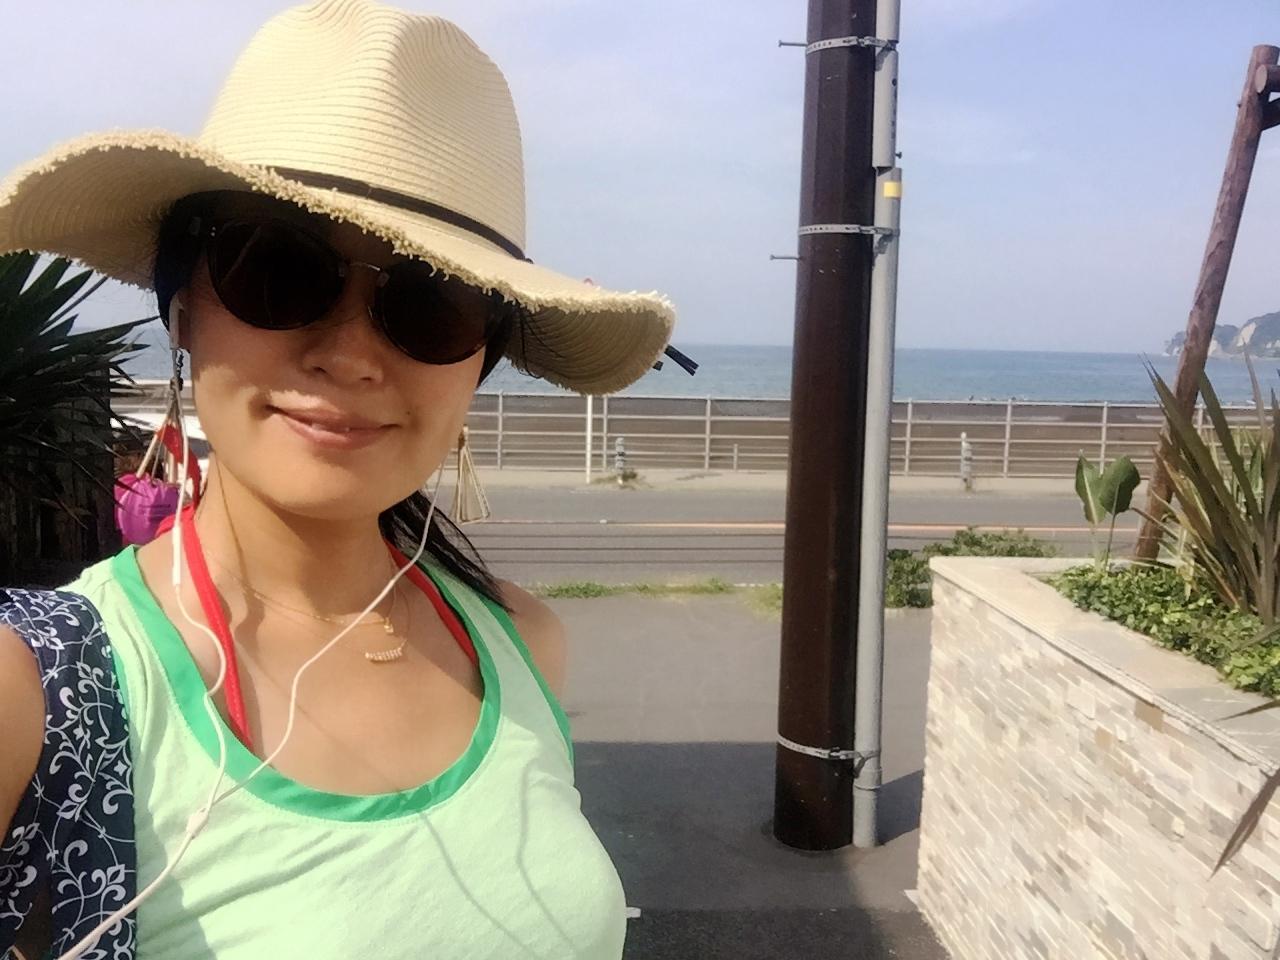 太陽と海を味方につけて!夏ならではの「キレイになる活」_1_1-1